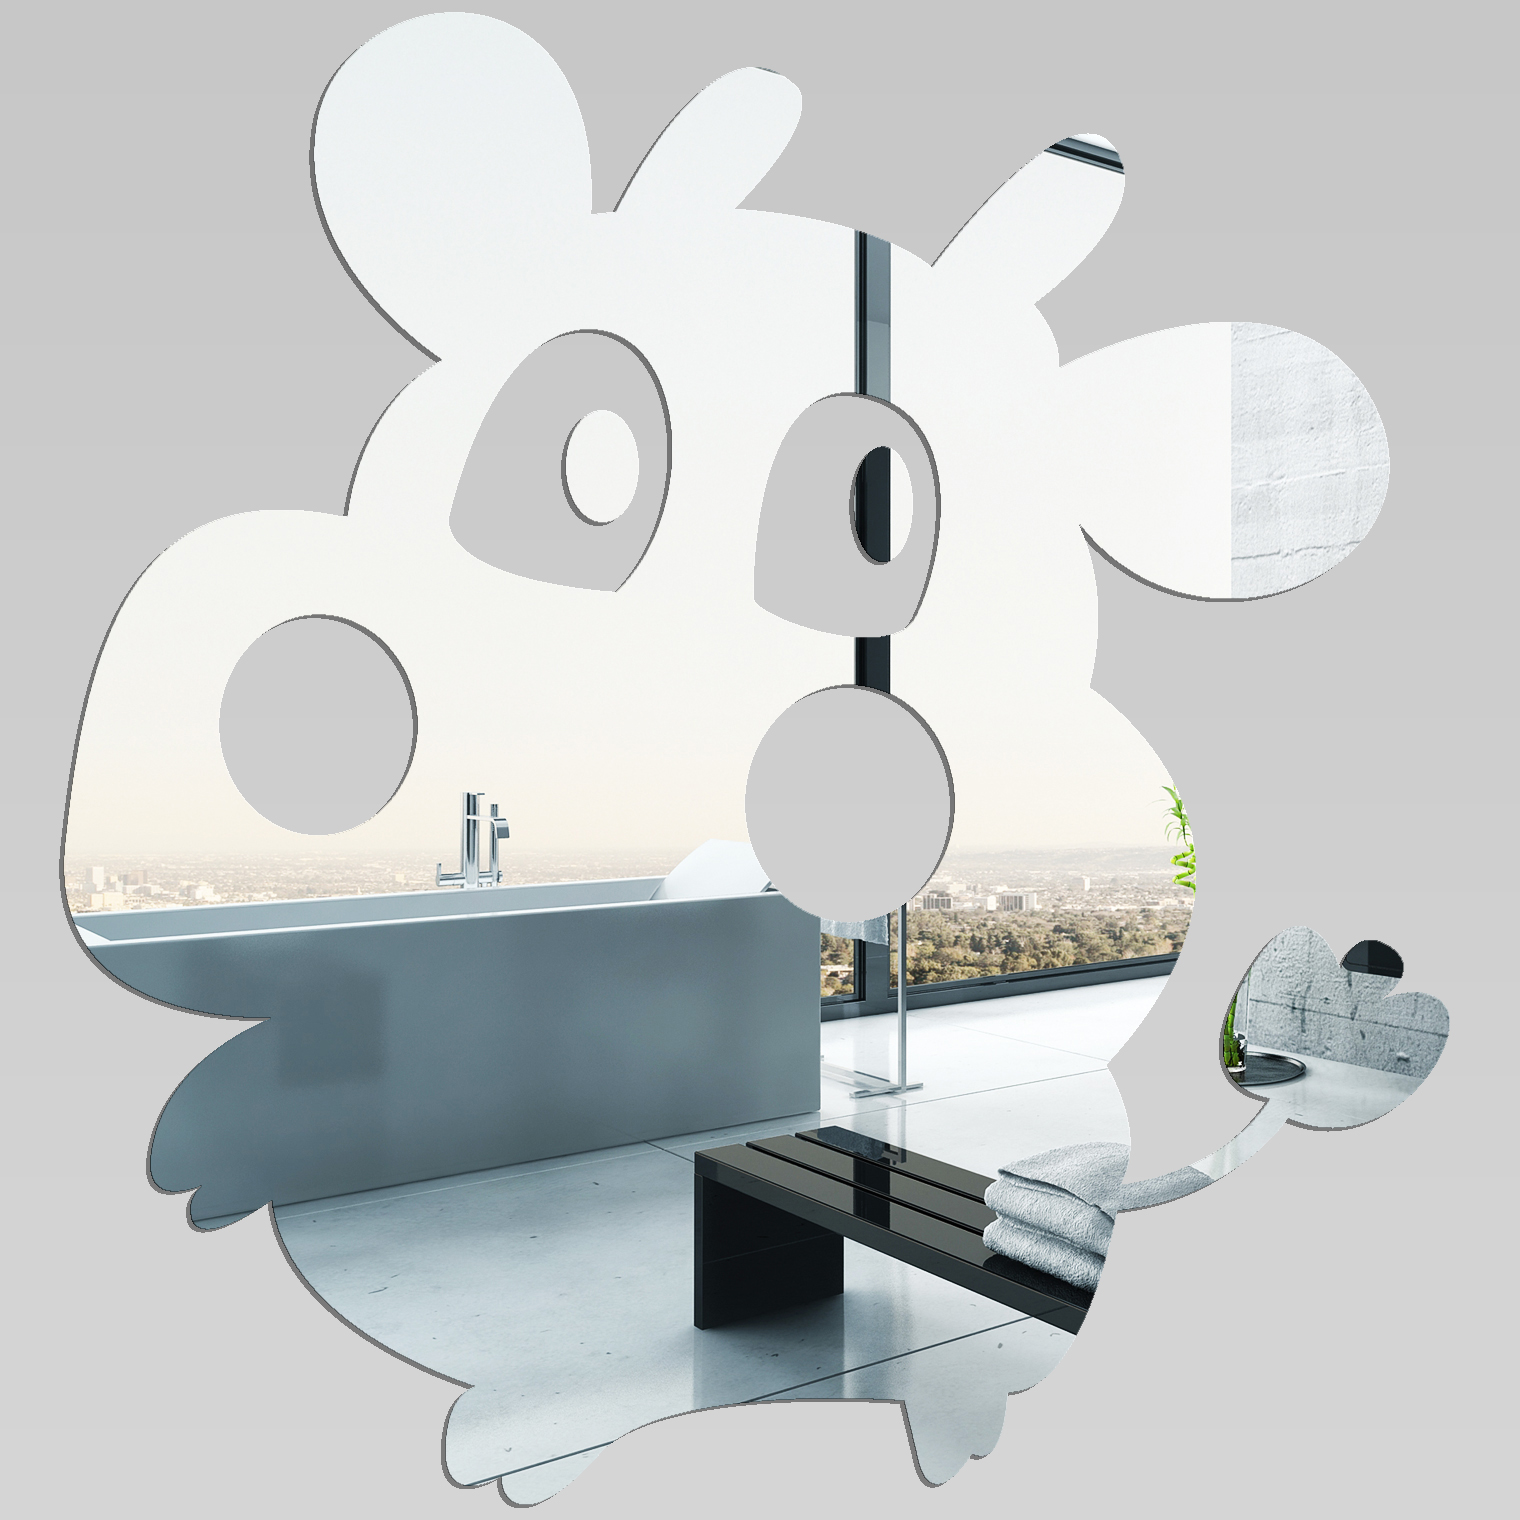 Miroir plexiglass acrylique vache pas cher for Miroir acrylique